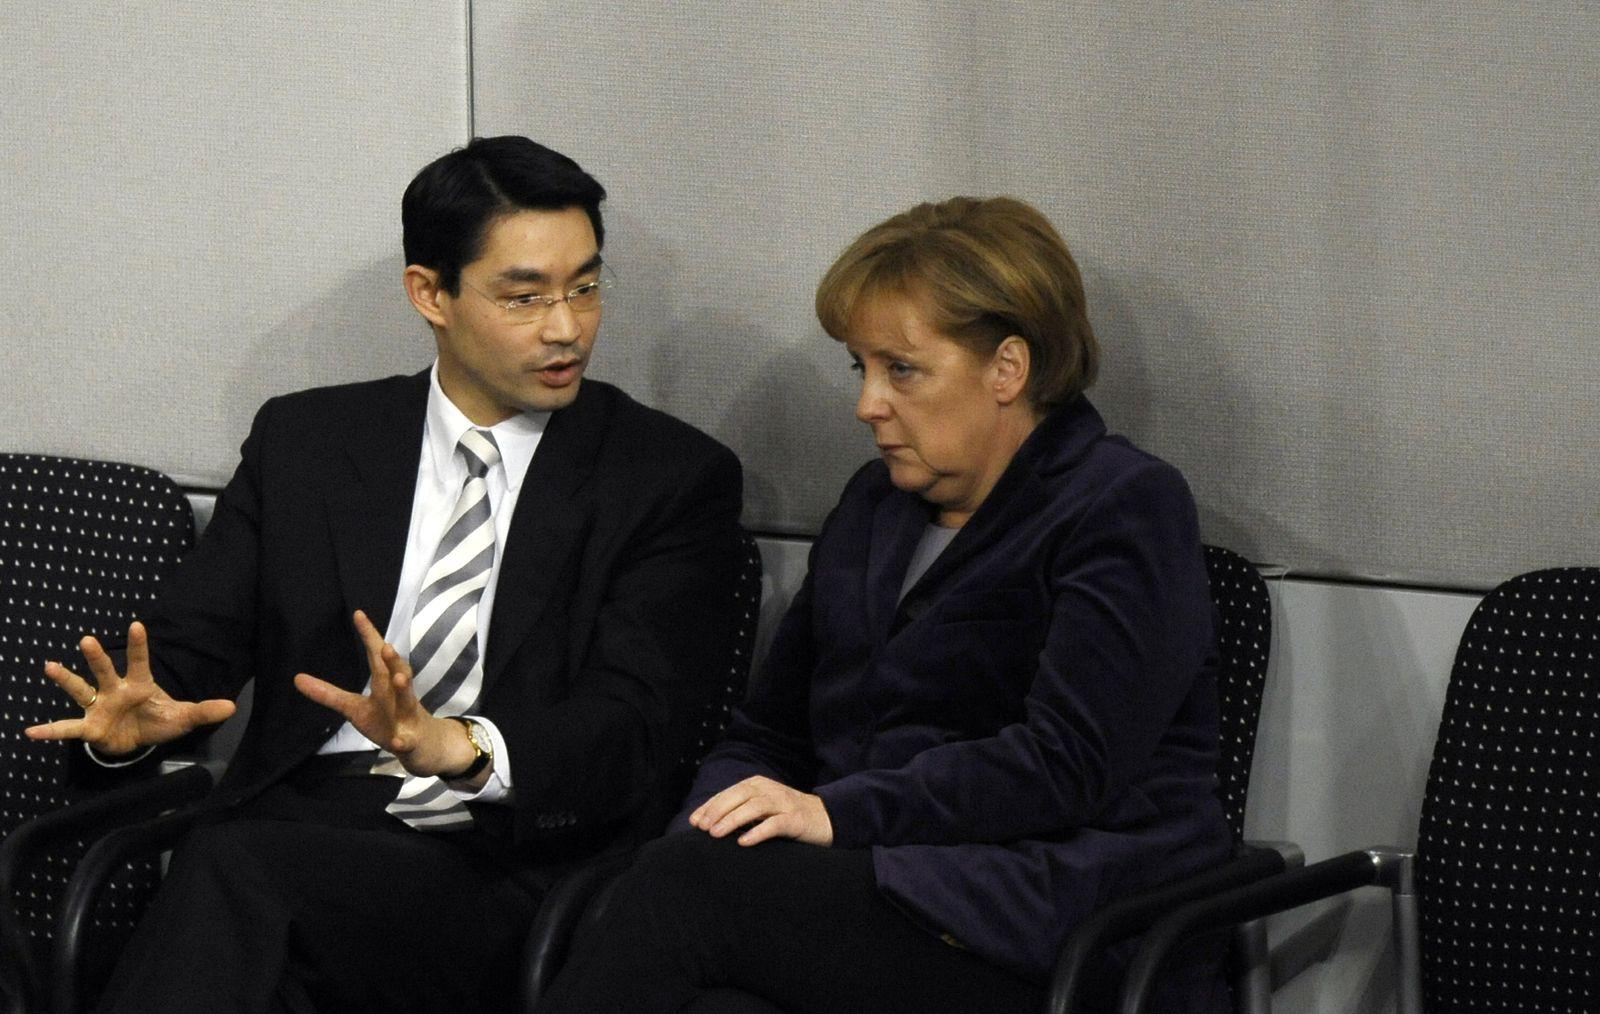 NICHT VERWENDEN Rösler Merkel Bundestag